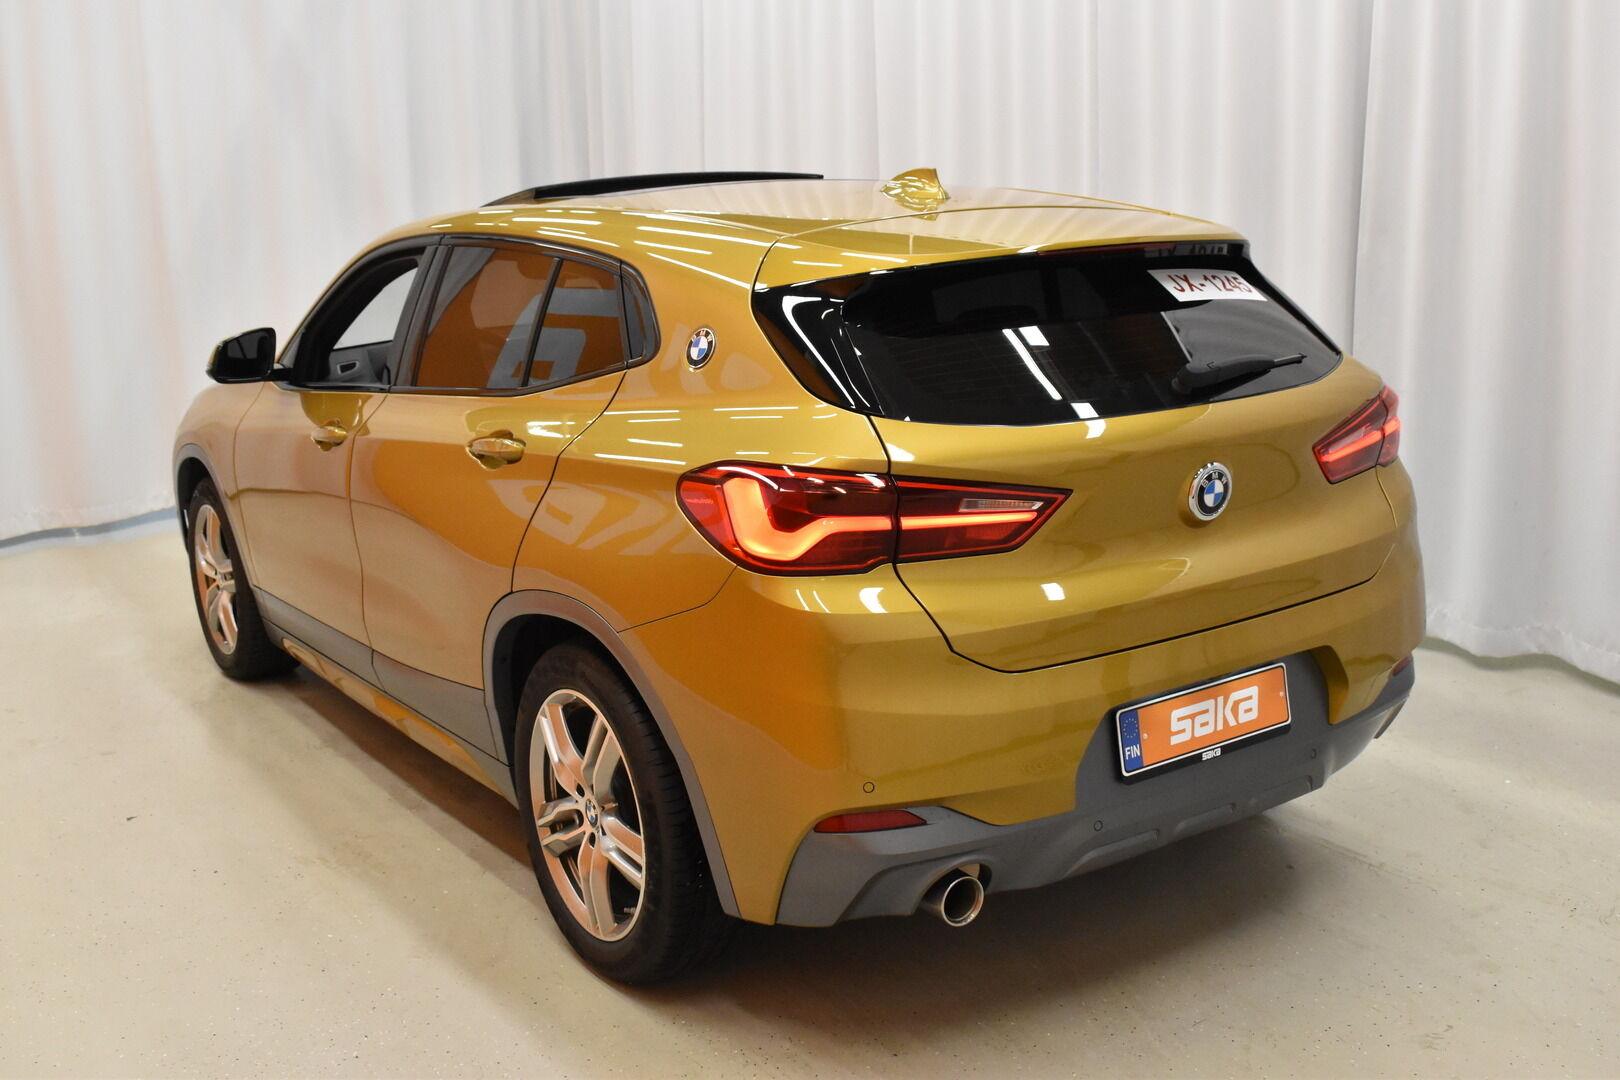 Keltainen Maastoauto, BMW X2 – LAH-64417, kuva 4